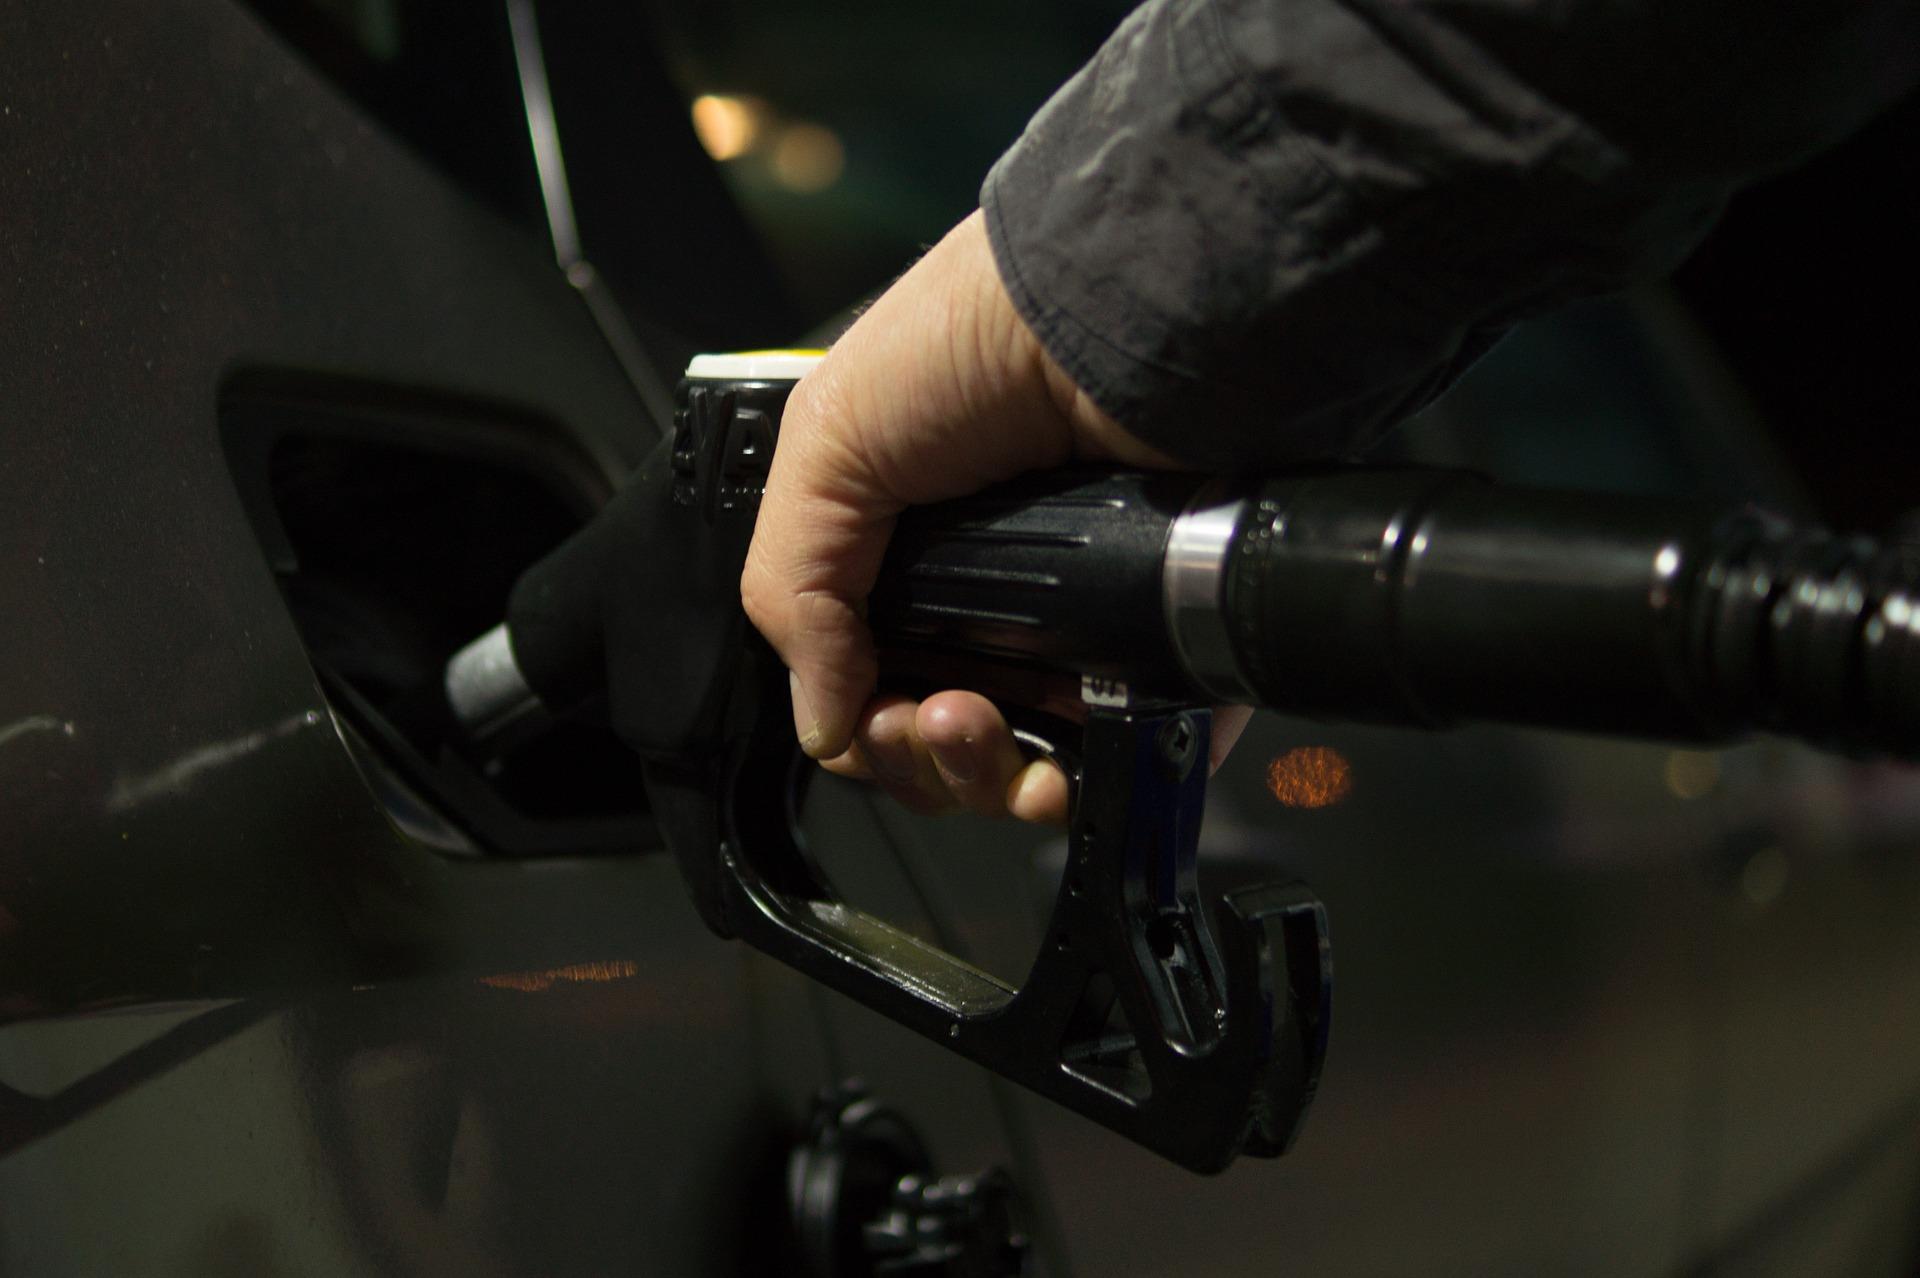 Essence végétale : rouler à l'huile végétale est-il une bonne idée ?